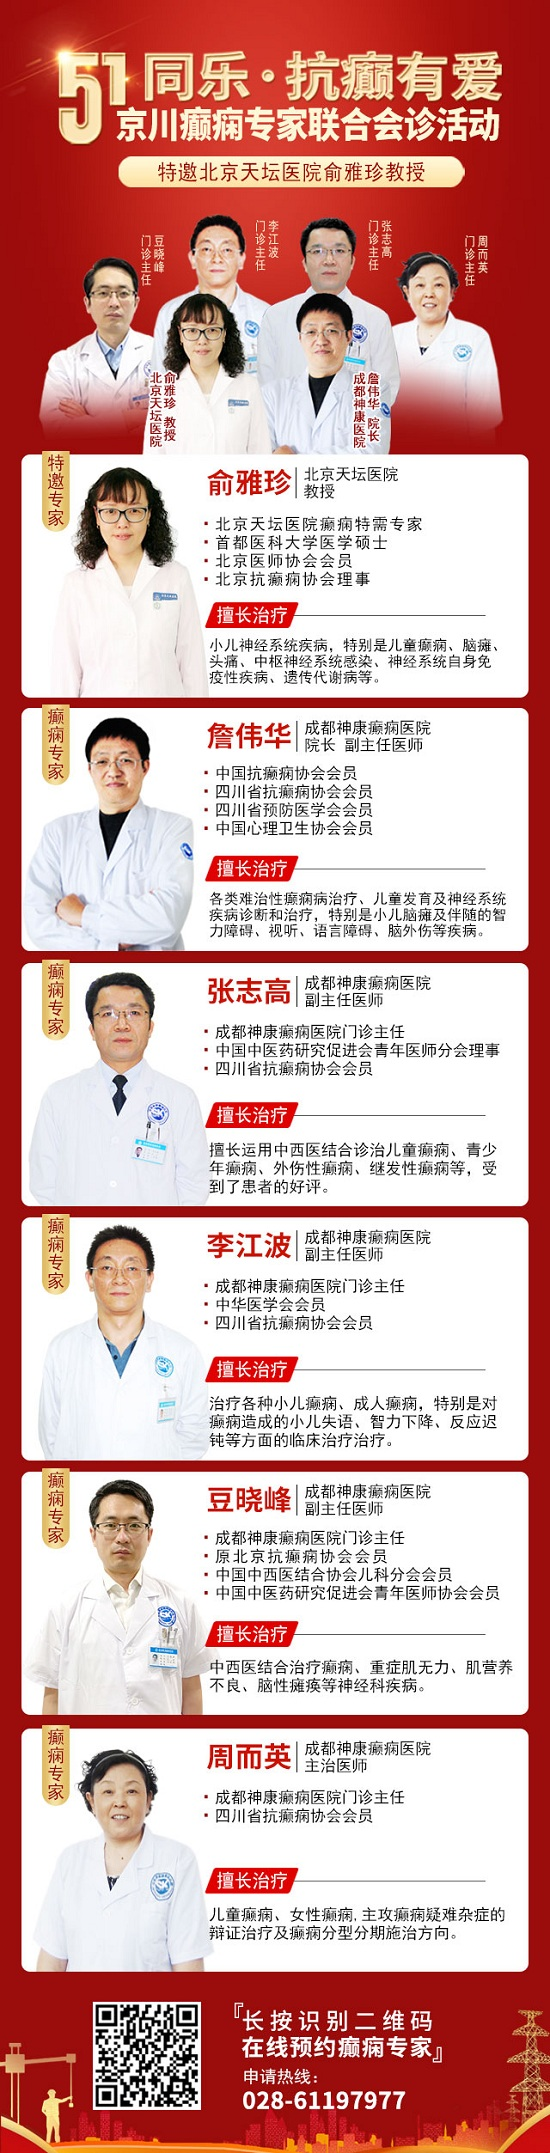 成都癫痫病医院五一不放假!5月1日-3日,北京三甲癫痫名医亲临神康会诊,5大诊疗福利专享!